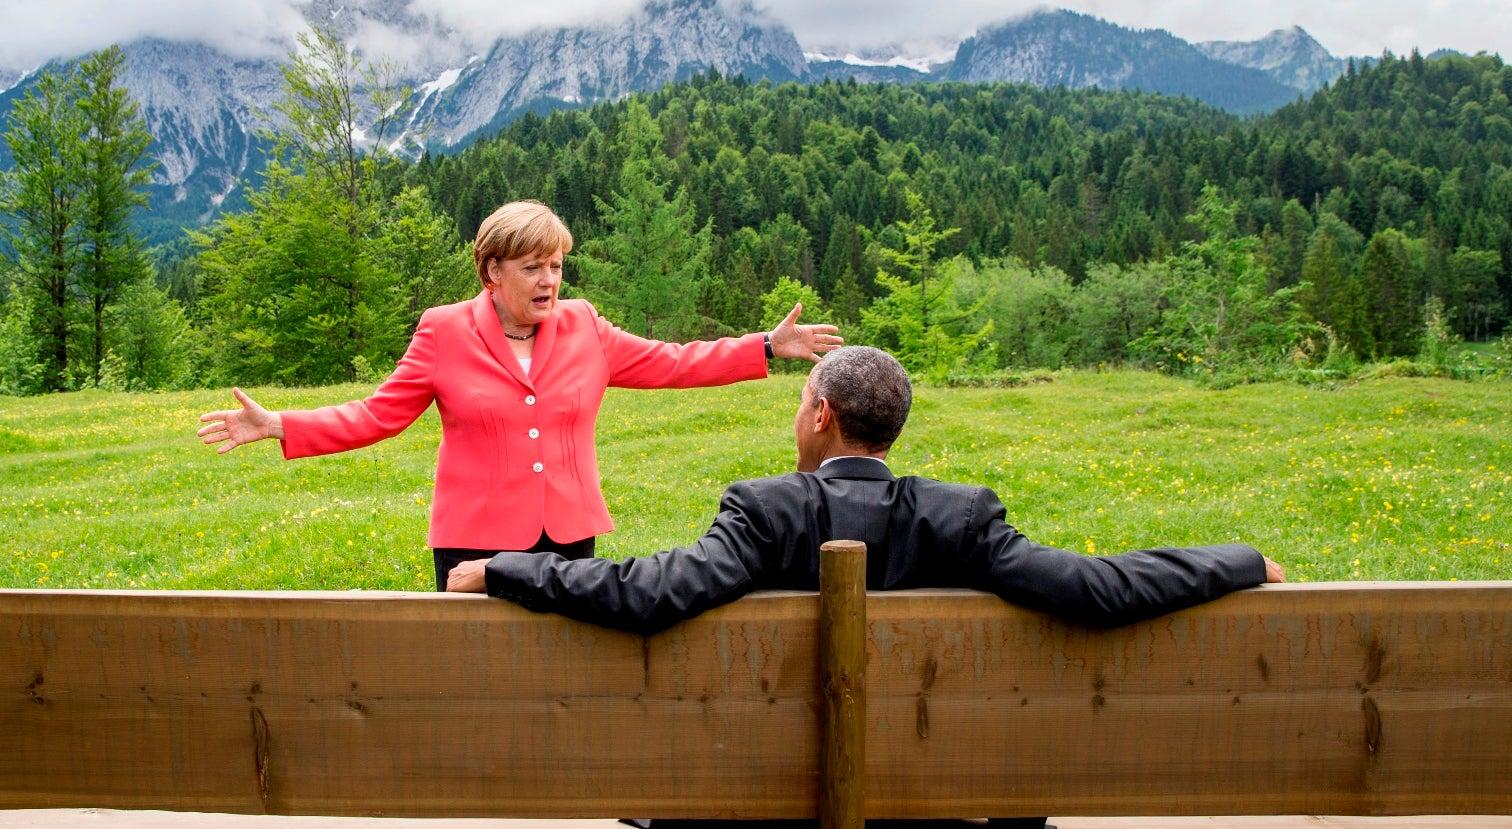 Mundo - Os grandes momentos dos oito anos da Presidência de Obama